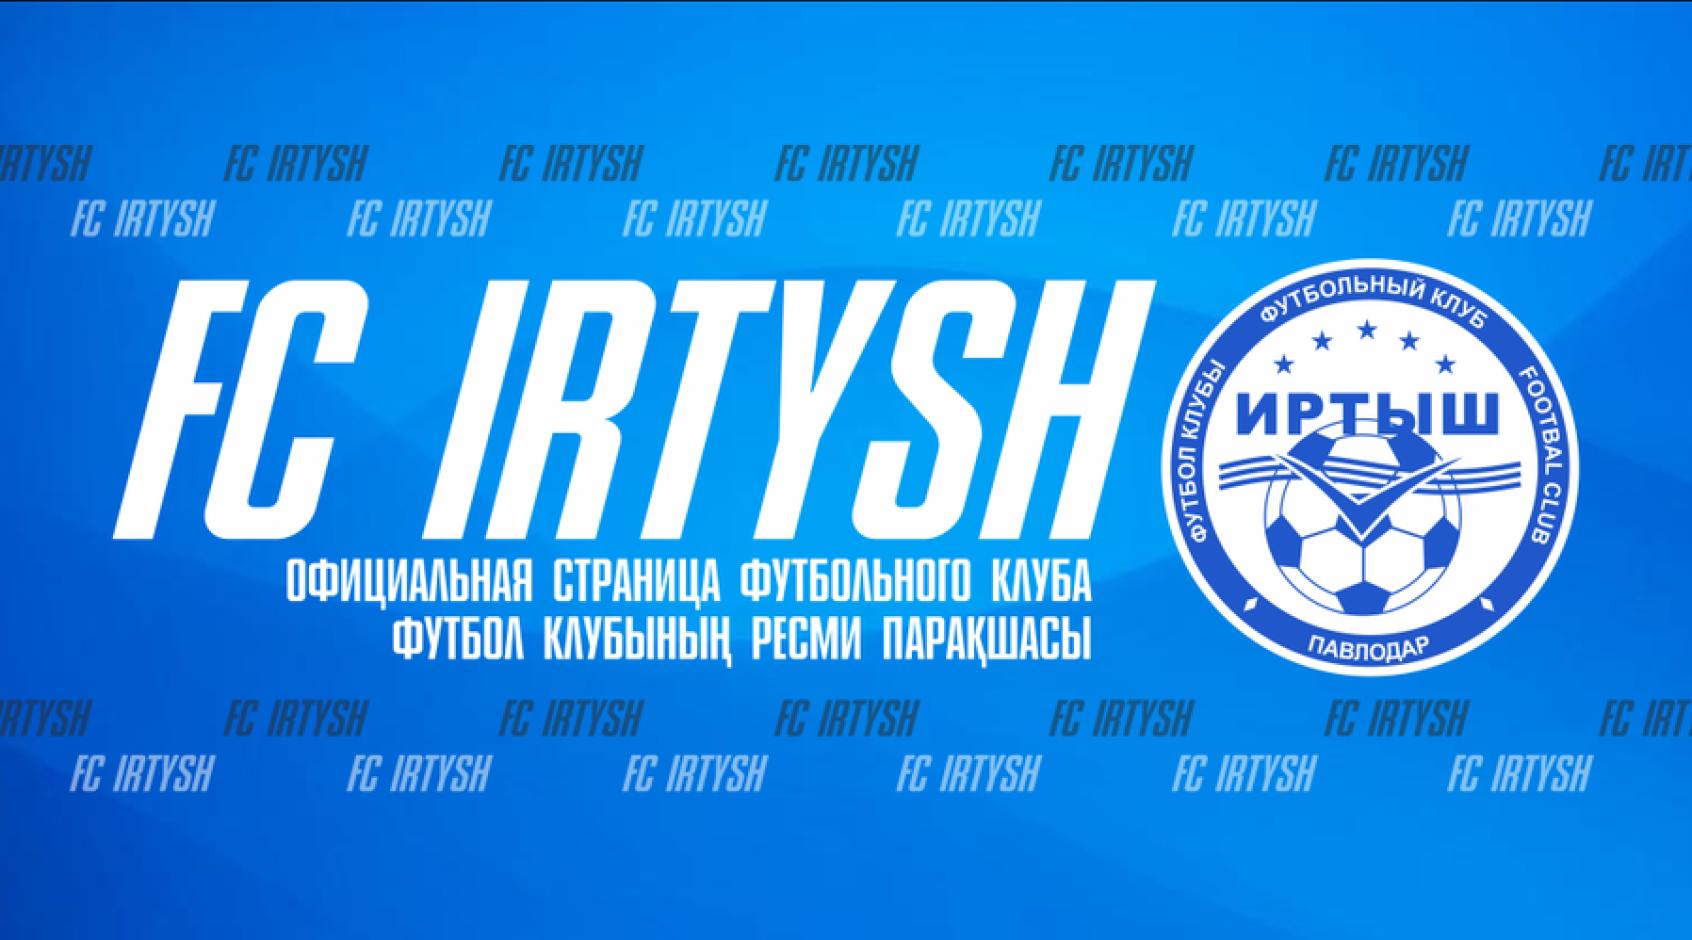 """Официально: """"Иртыш"""" снят с казахстанской Премьер-лиги"""